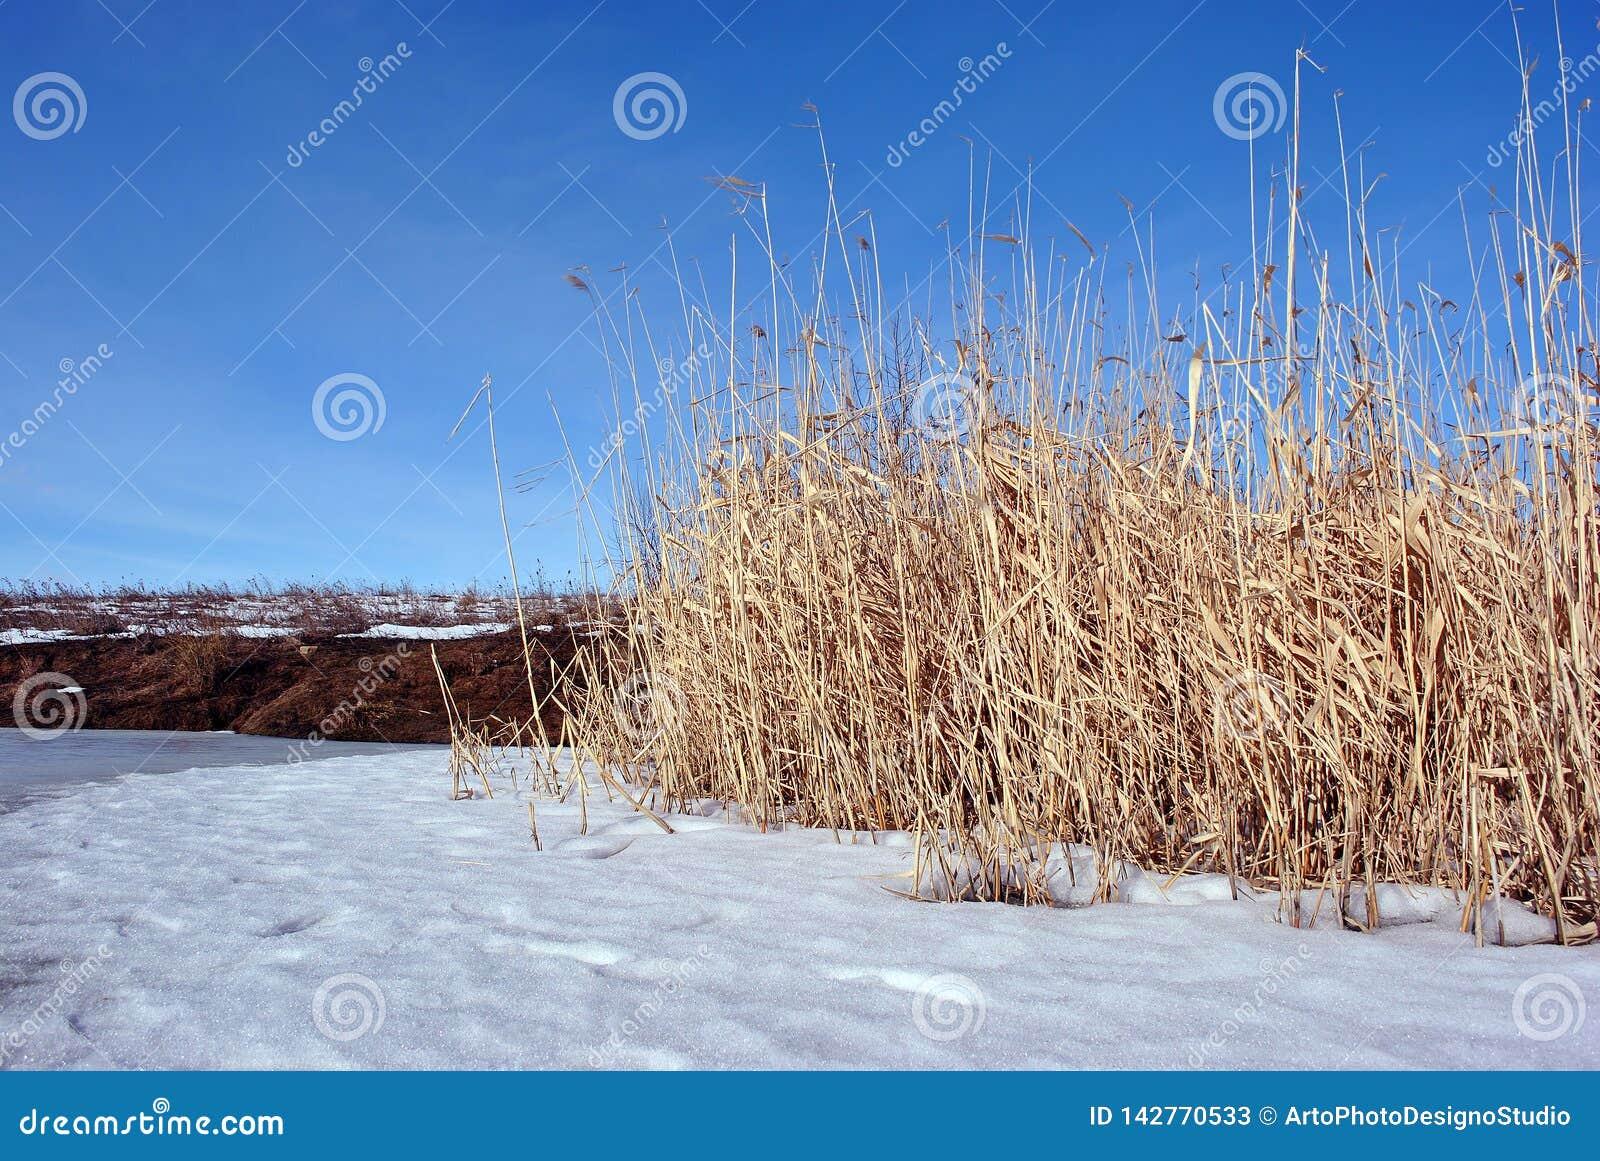 Яркие желтые сухие тростники на речном береге покрытом со снегом, голубым небом